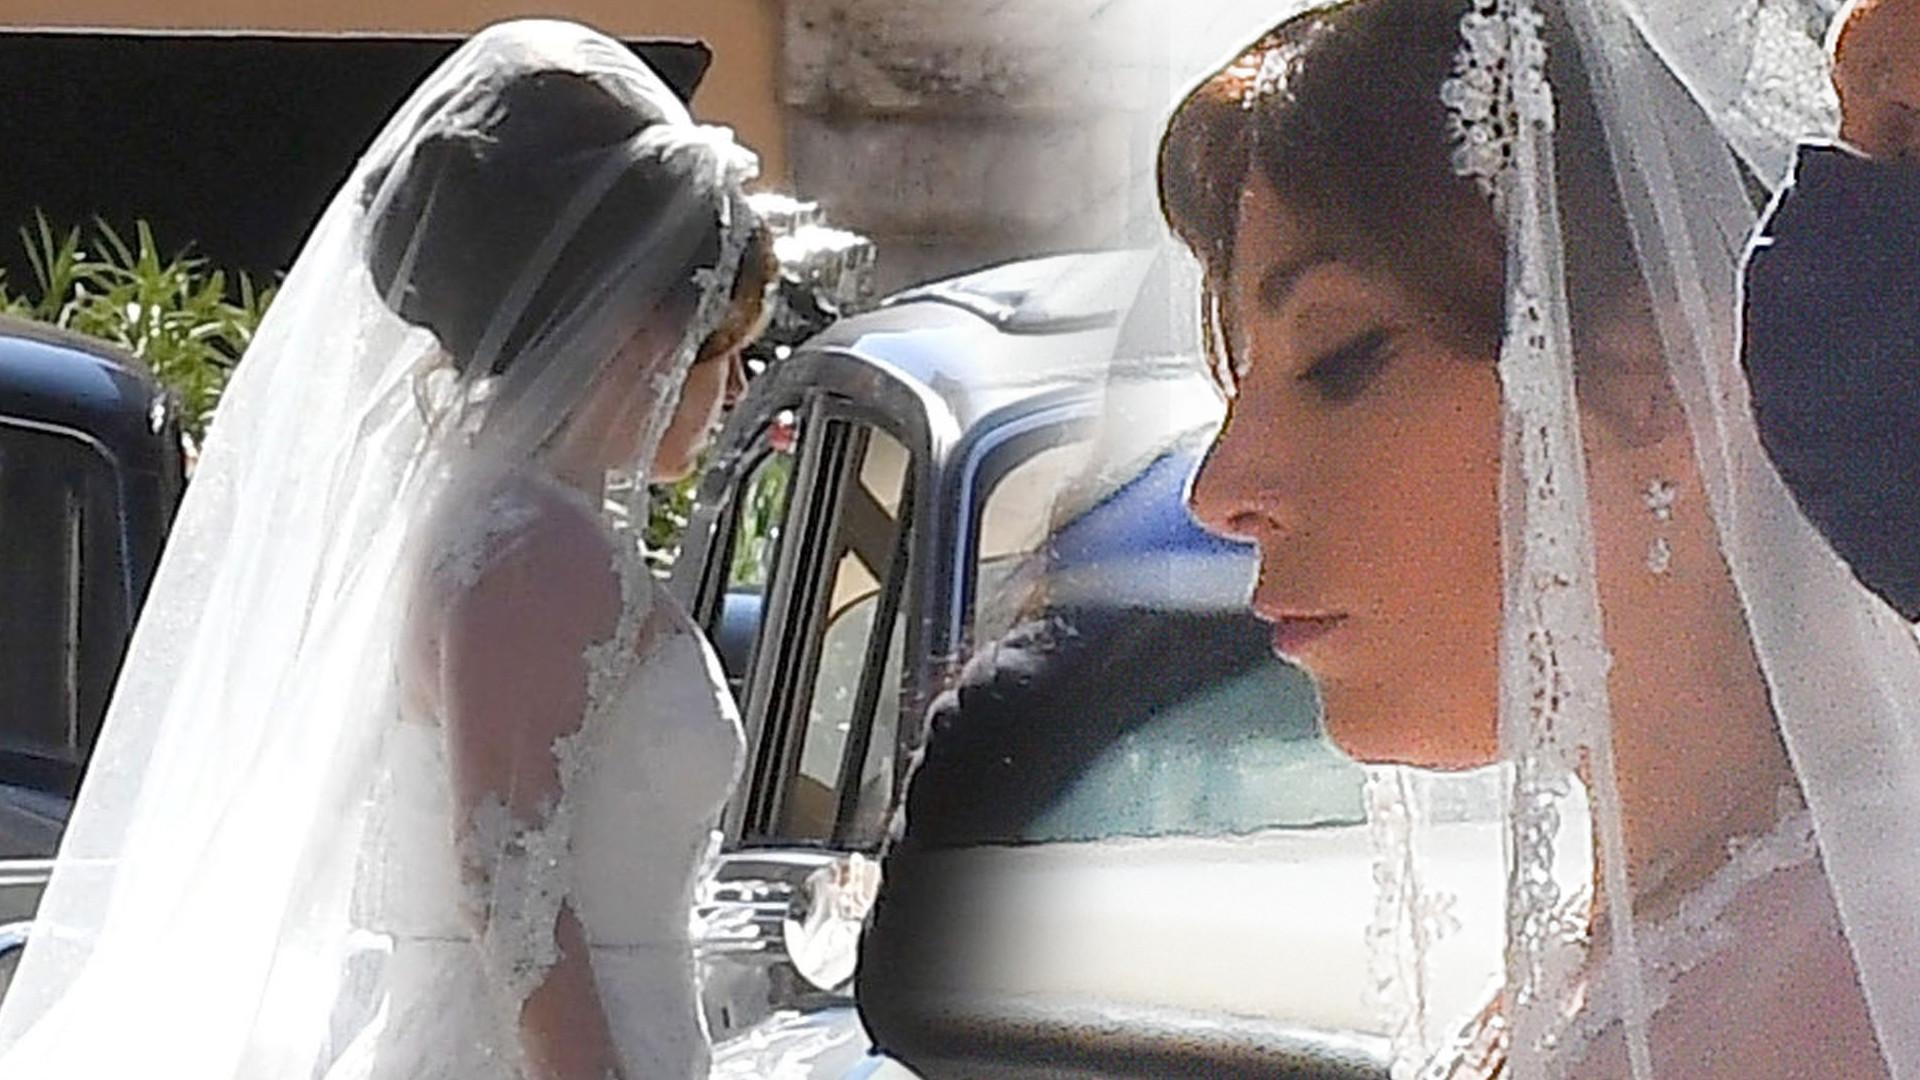 Lady Gaga w sukni ślubnej. Wygląda przepięknie! (ZDJĘCIA)